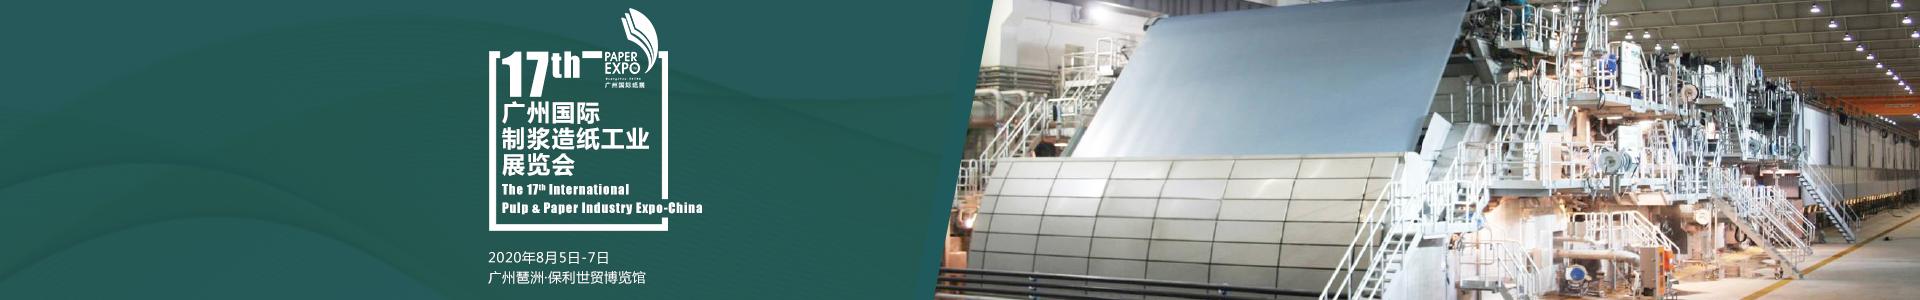 广州国际制浆造纸工业展览会